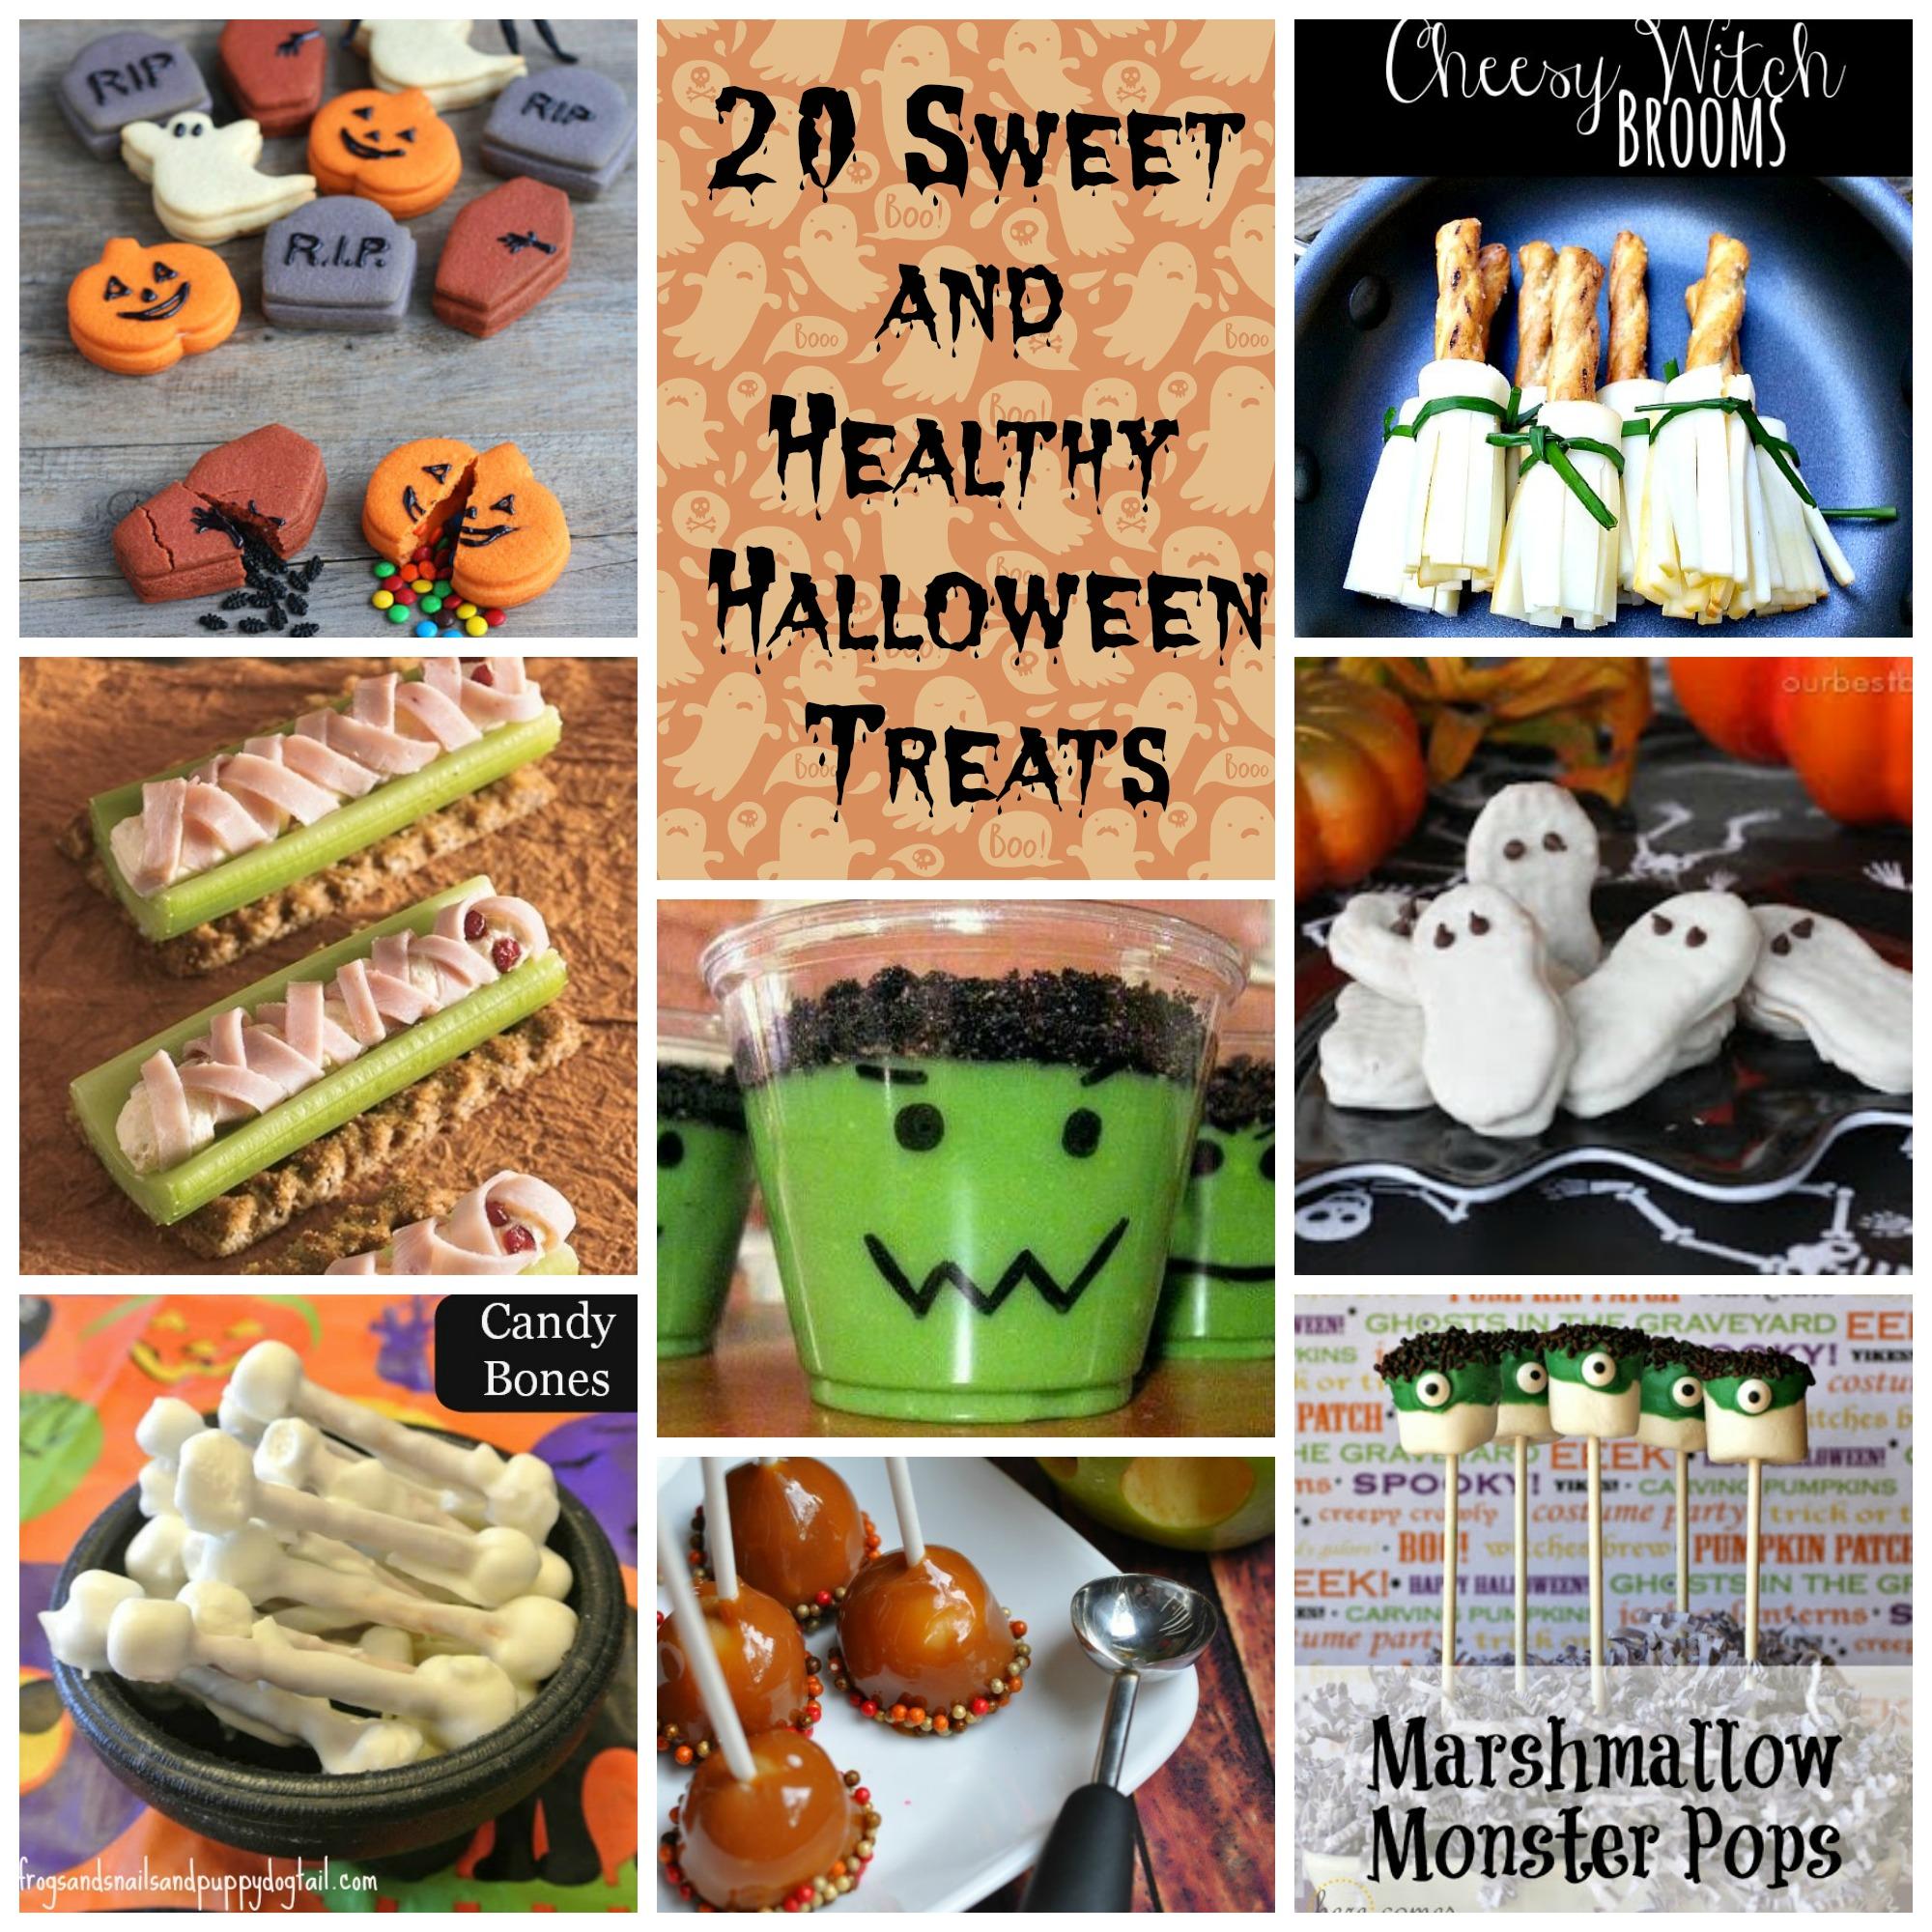 Sweet & Healthy Halloween Treats